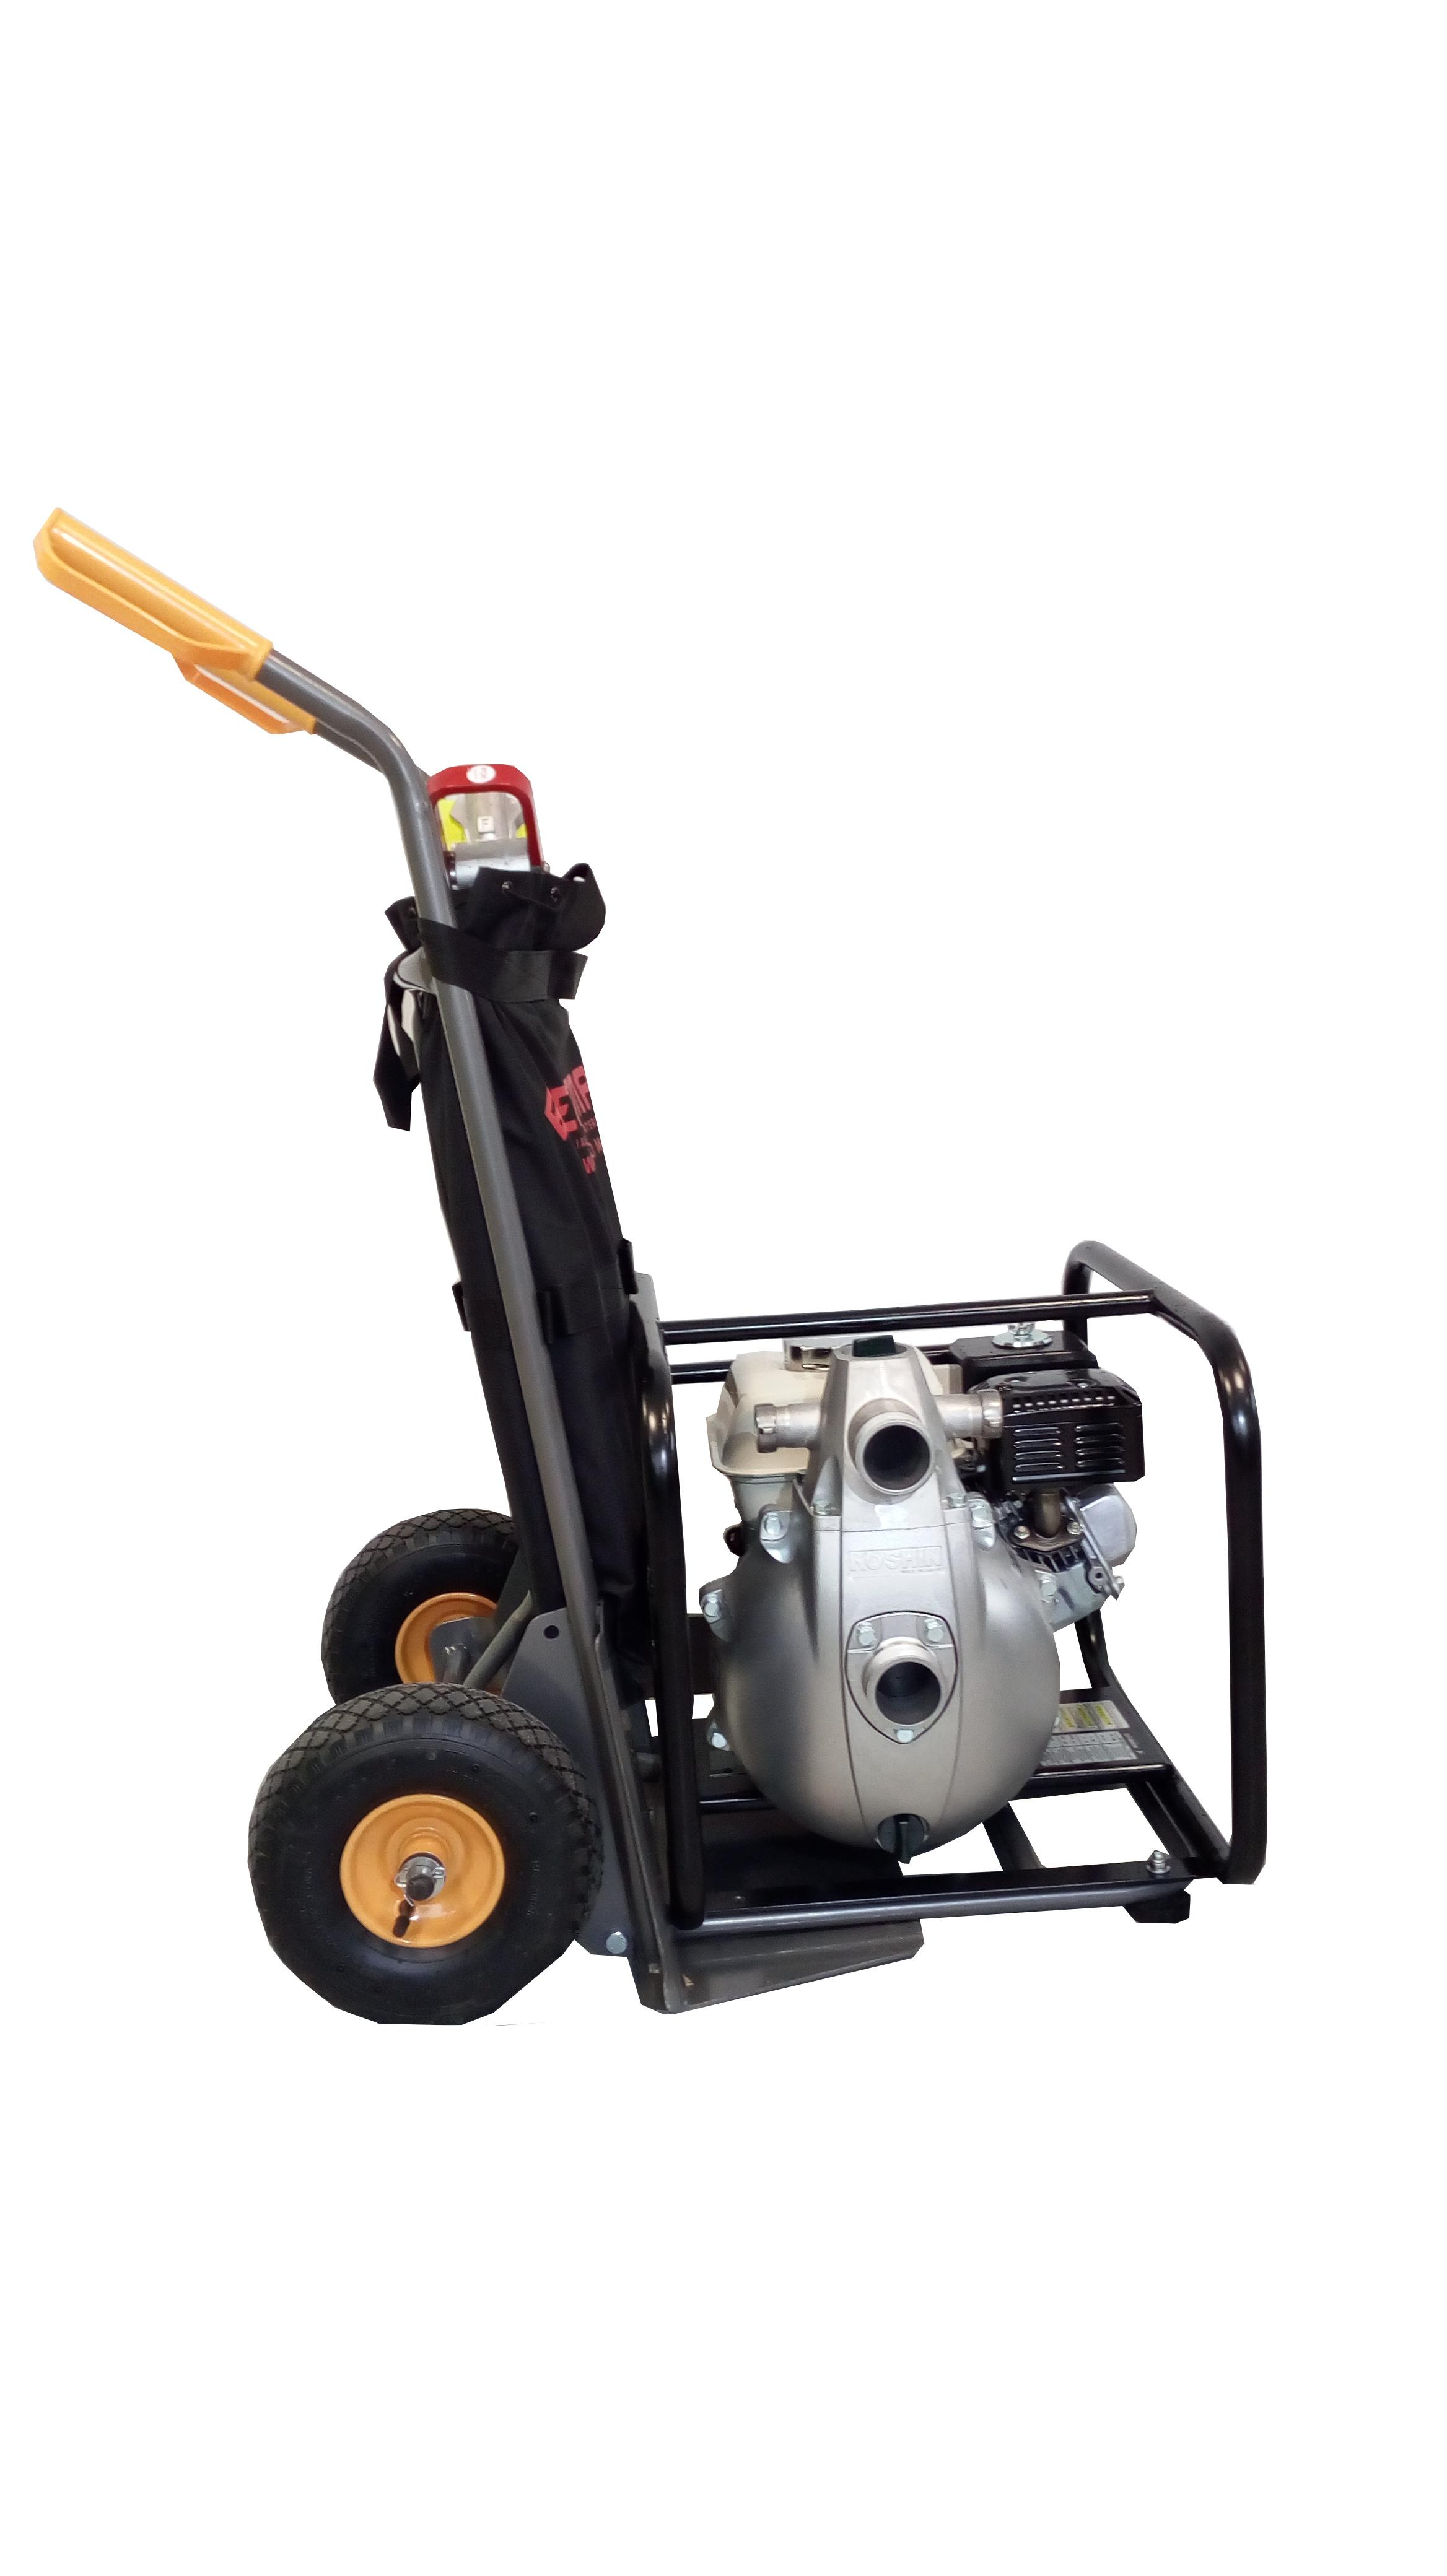 kit incendie motopompe sur chariot accessoires euromast motopompe incendie. Black Bedroom Furniture Sets. Home Design Ideas